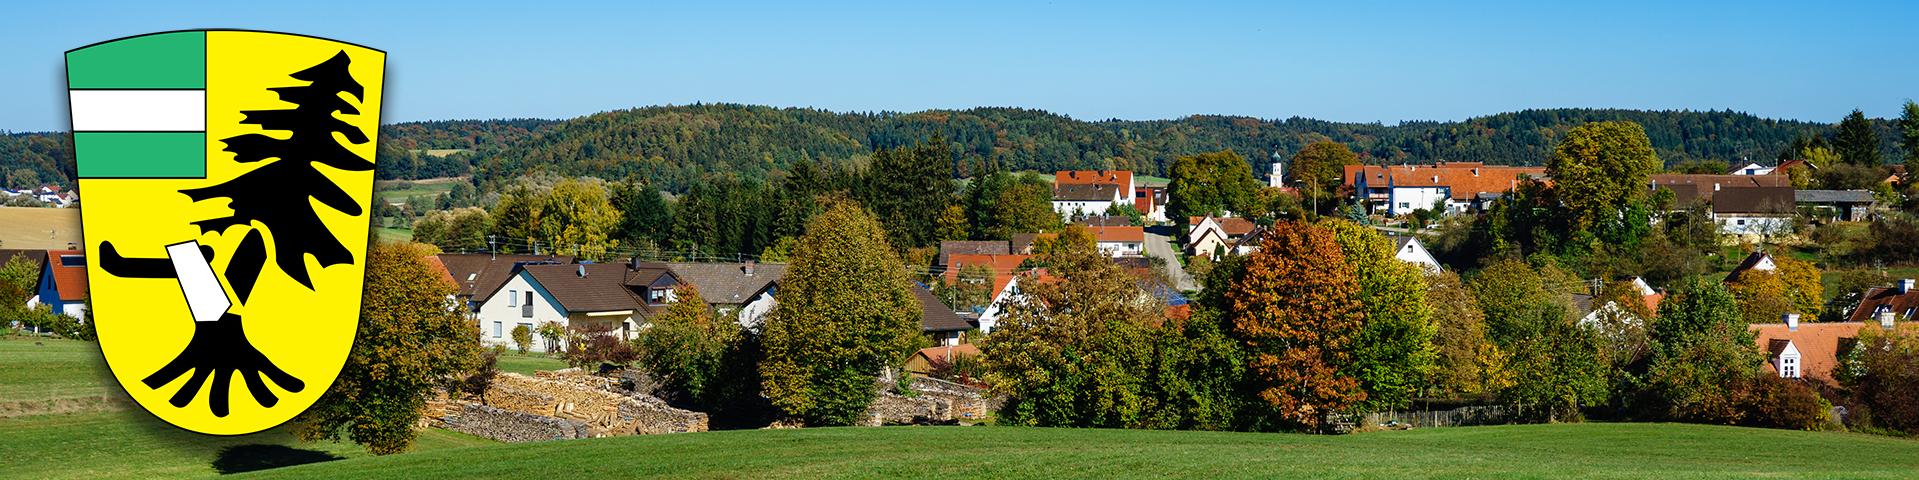 Immergrün Unterschöneberg e. V.